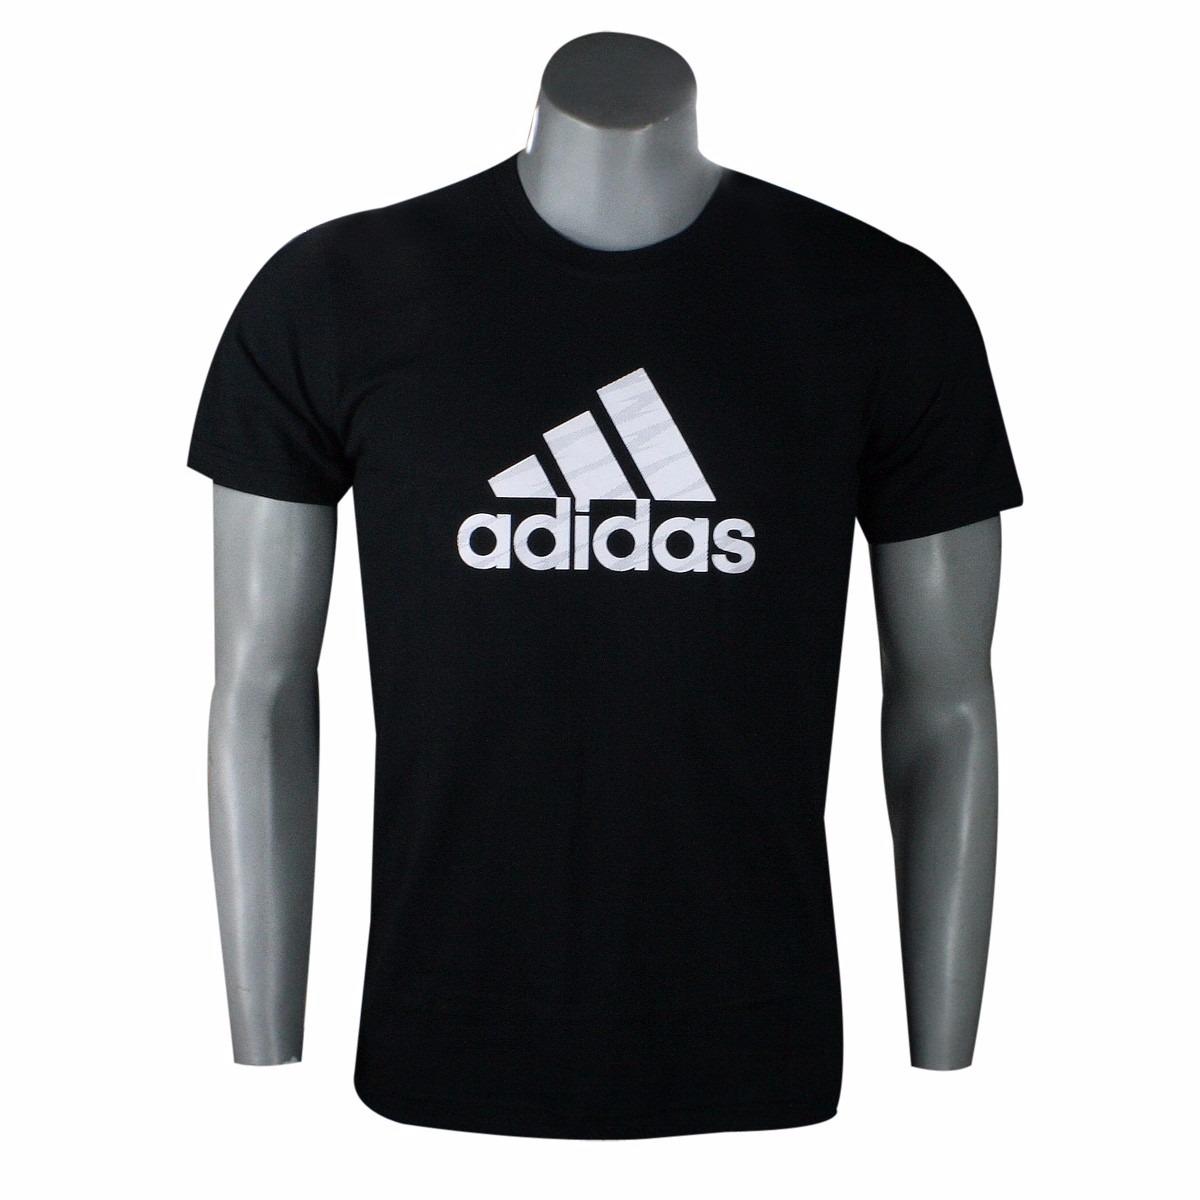 c40d47b25db51 camisa camiseta adidas personalizada promoção algodão. Carregando zoom.